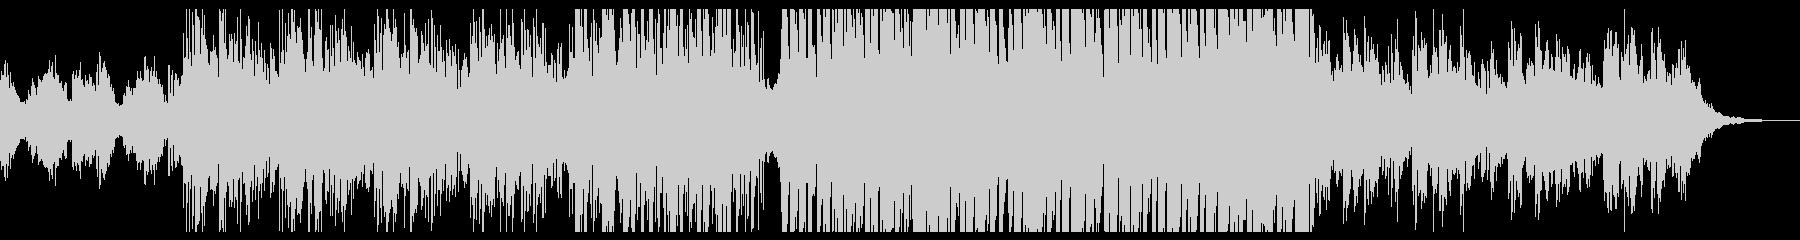 幻想的なピアノ系エレクトロニカの未再生の波形